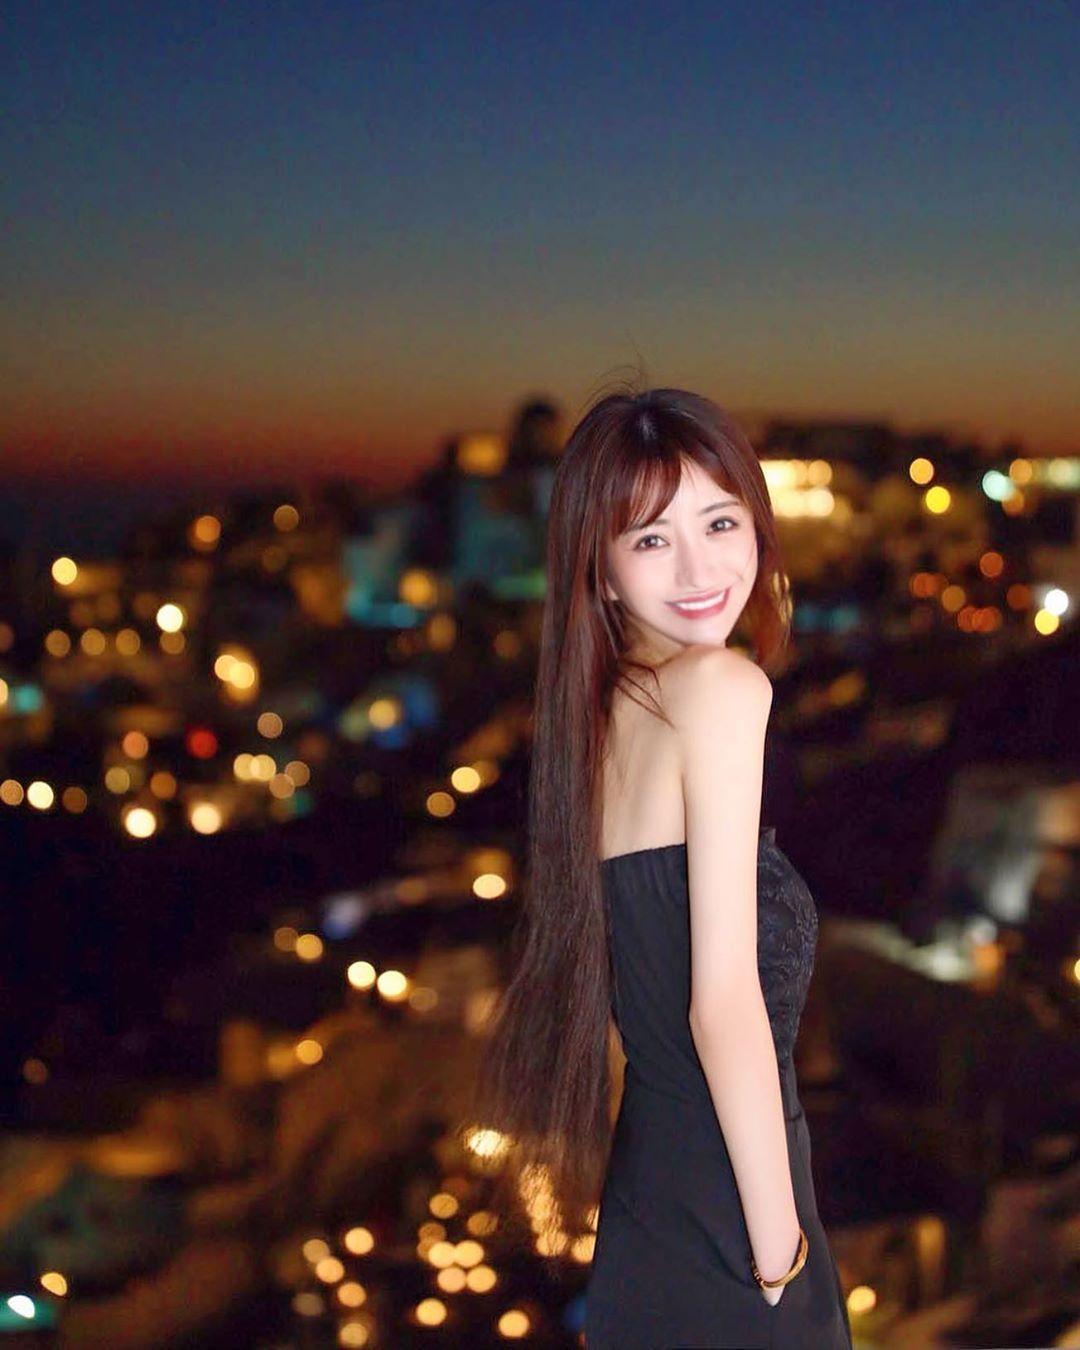 日本第一女公关爱泽绘美里滴酒不沾称霸歌舞伎町